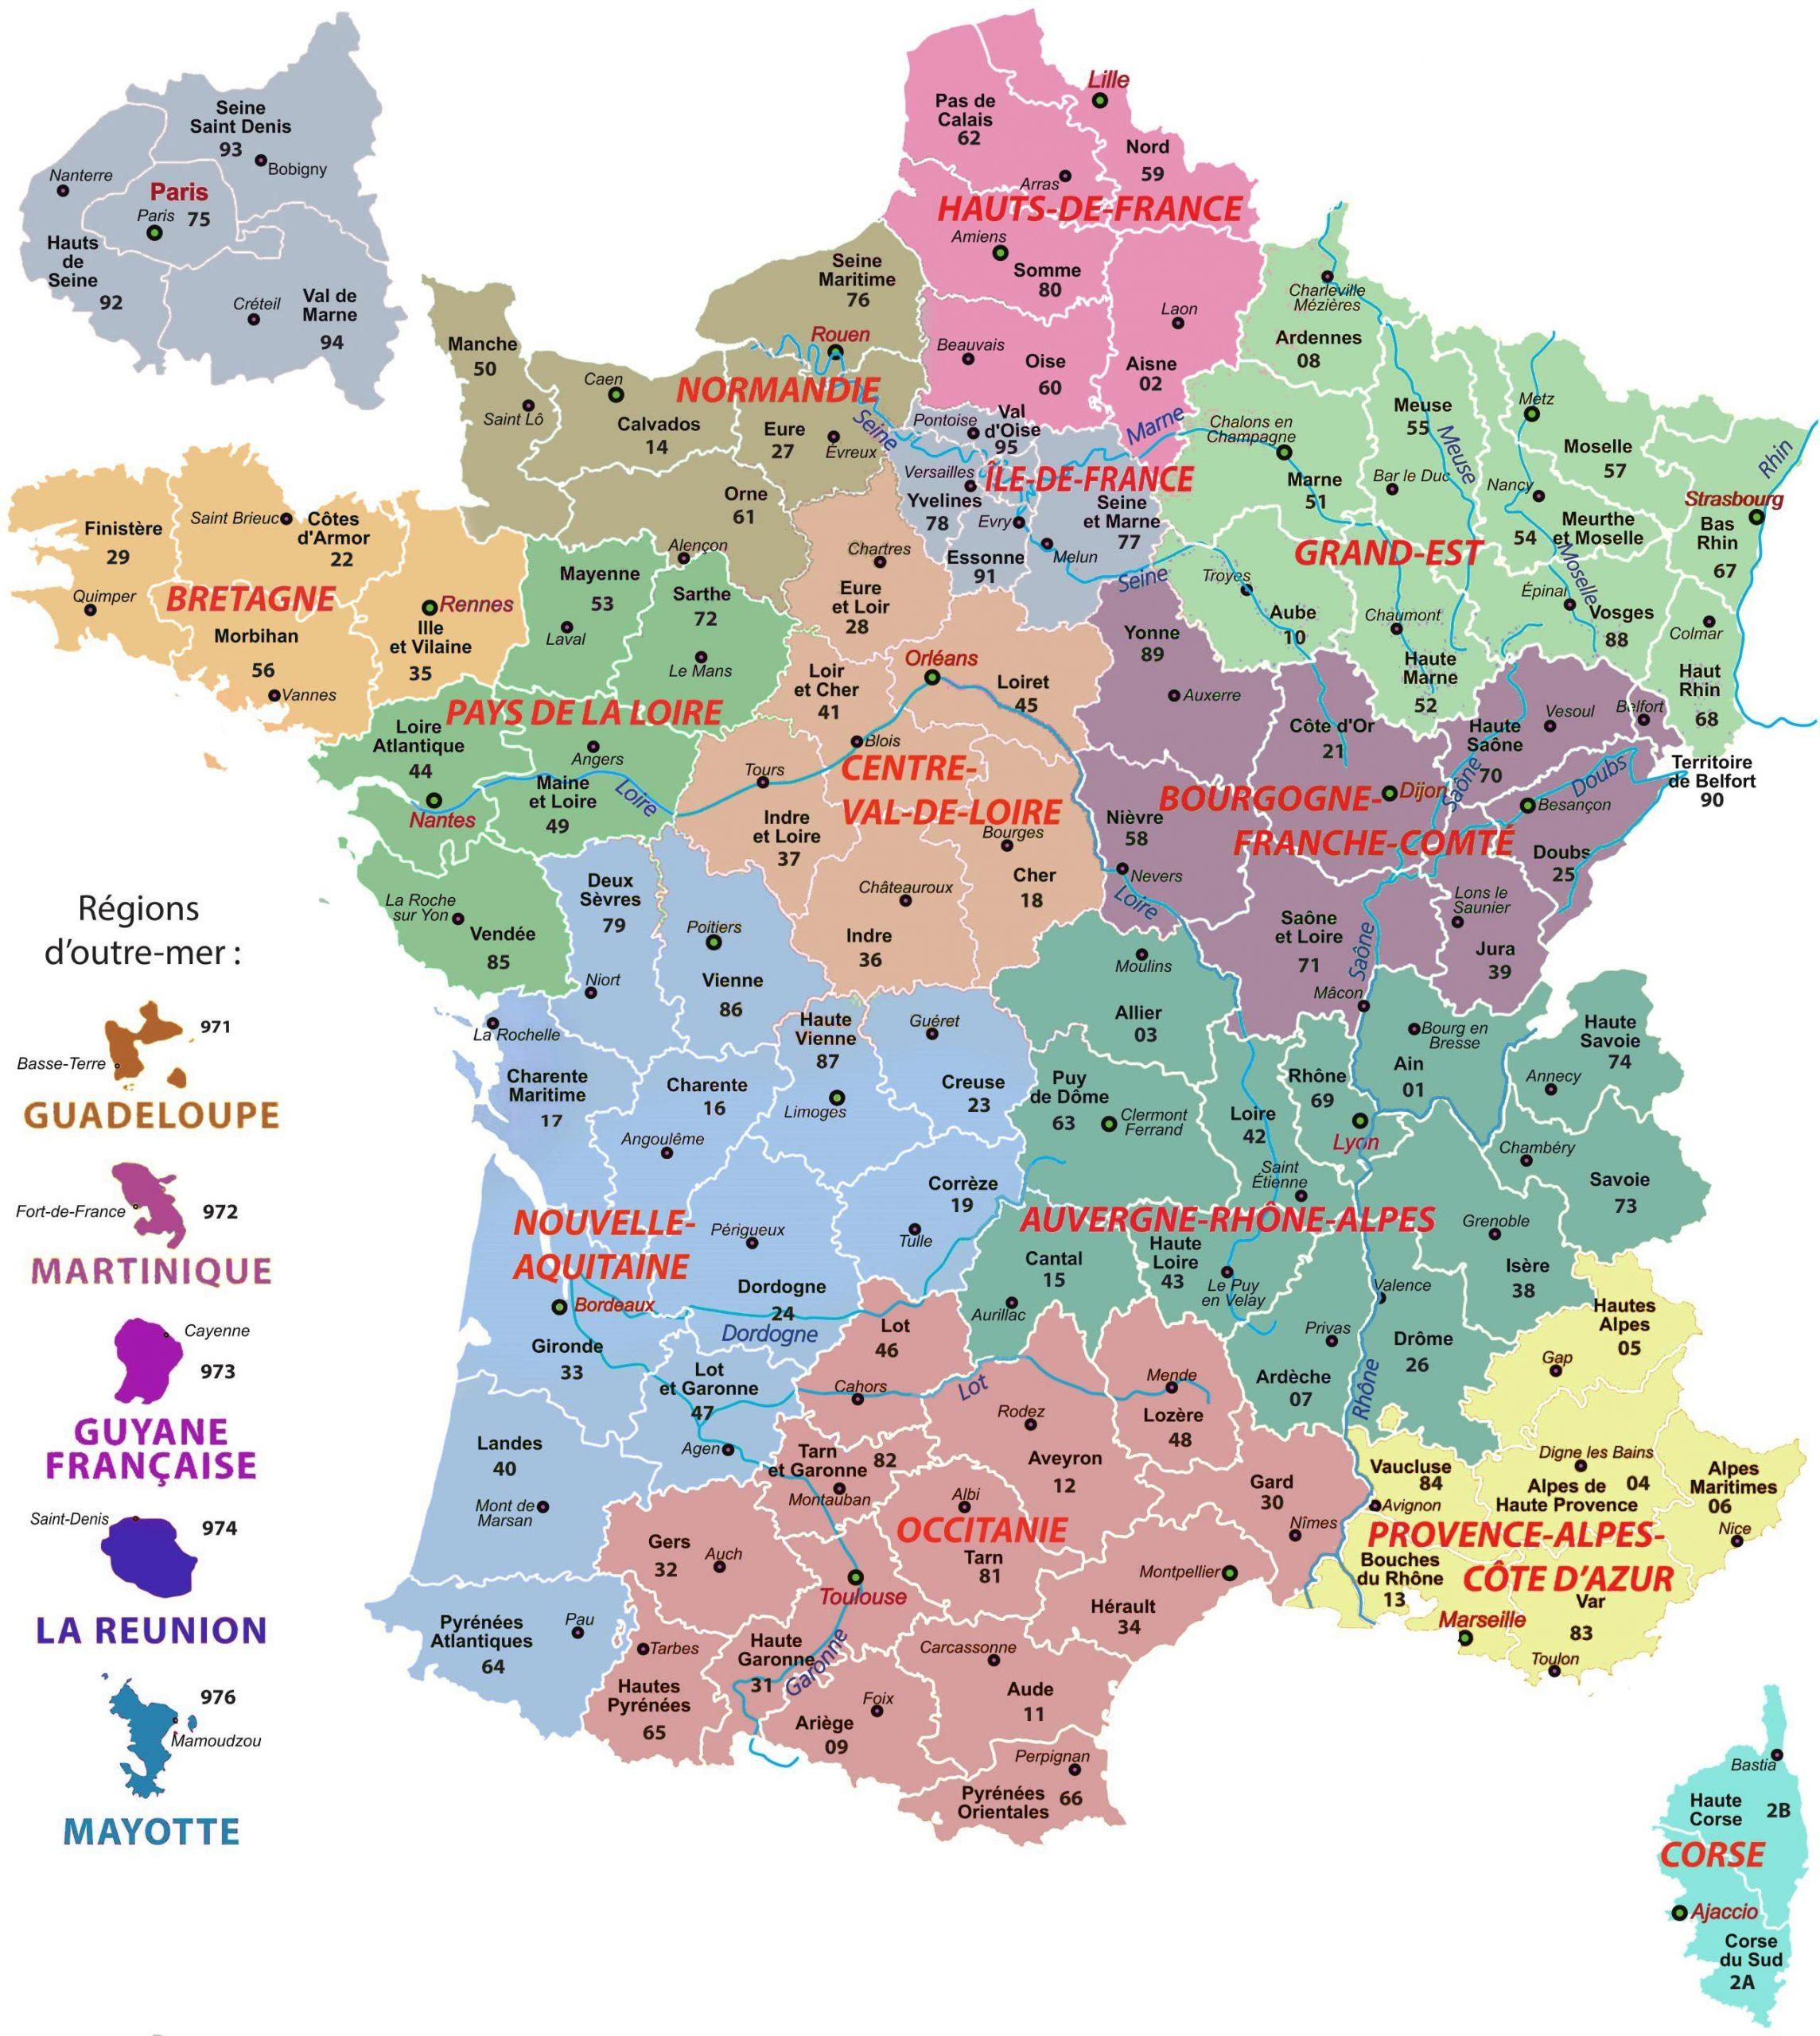 Carte De France Des Regions : Carte Des Régions De France encequiconcerne Carte Des Régions De France Vierge